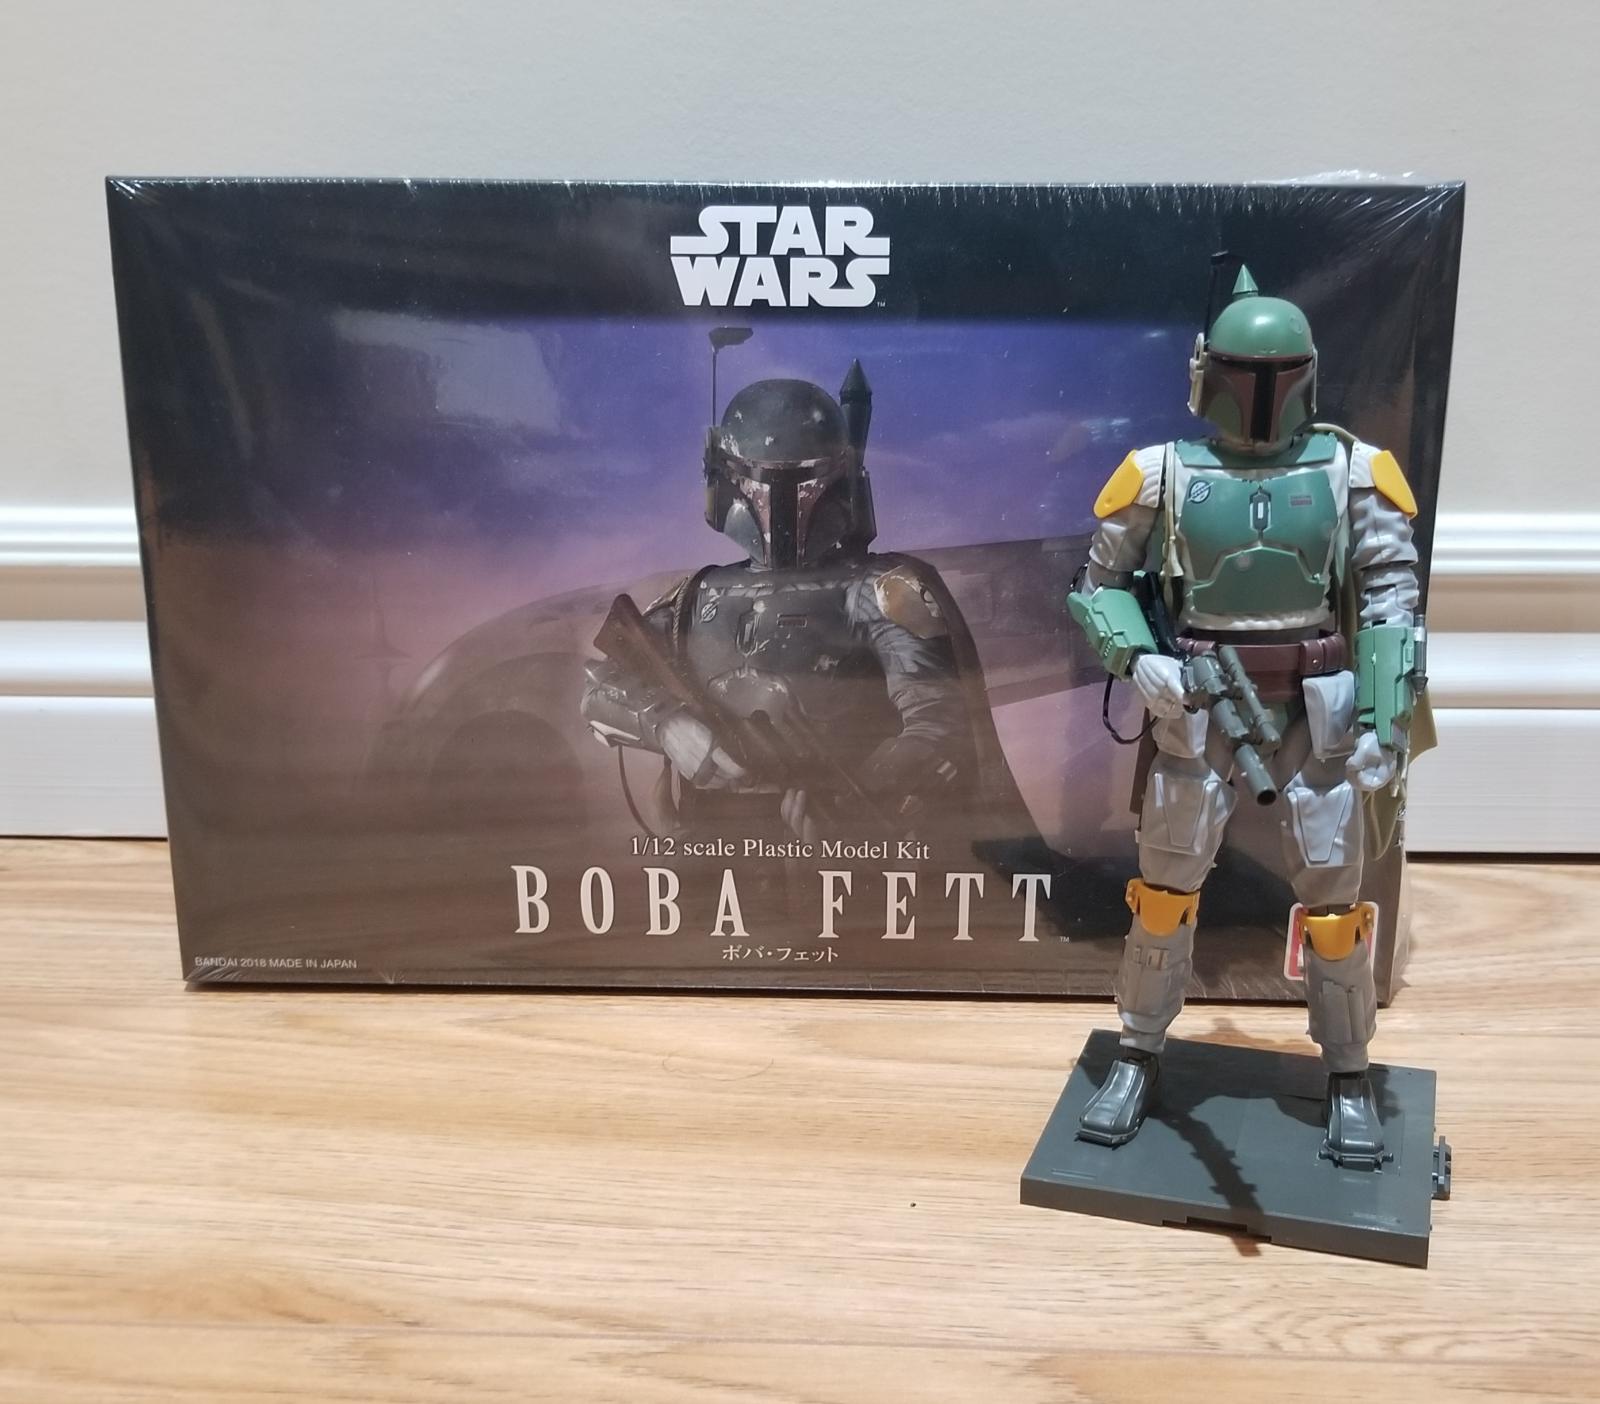 Star Wars Boba Fett 1:12 Scale Plastic Model Kit Brand New Sealed Bandai